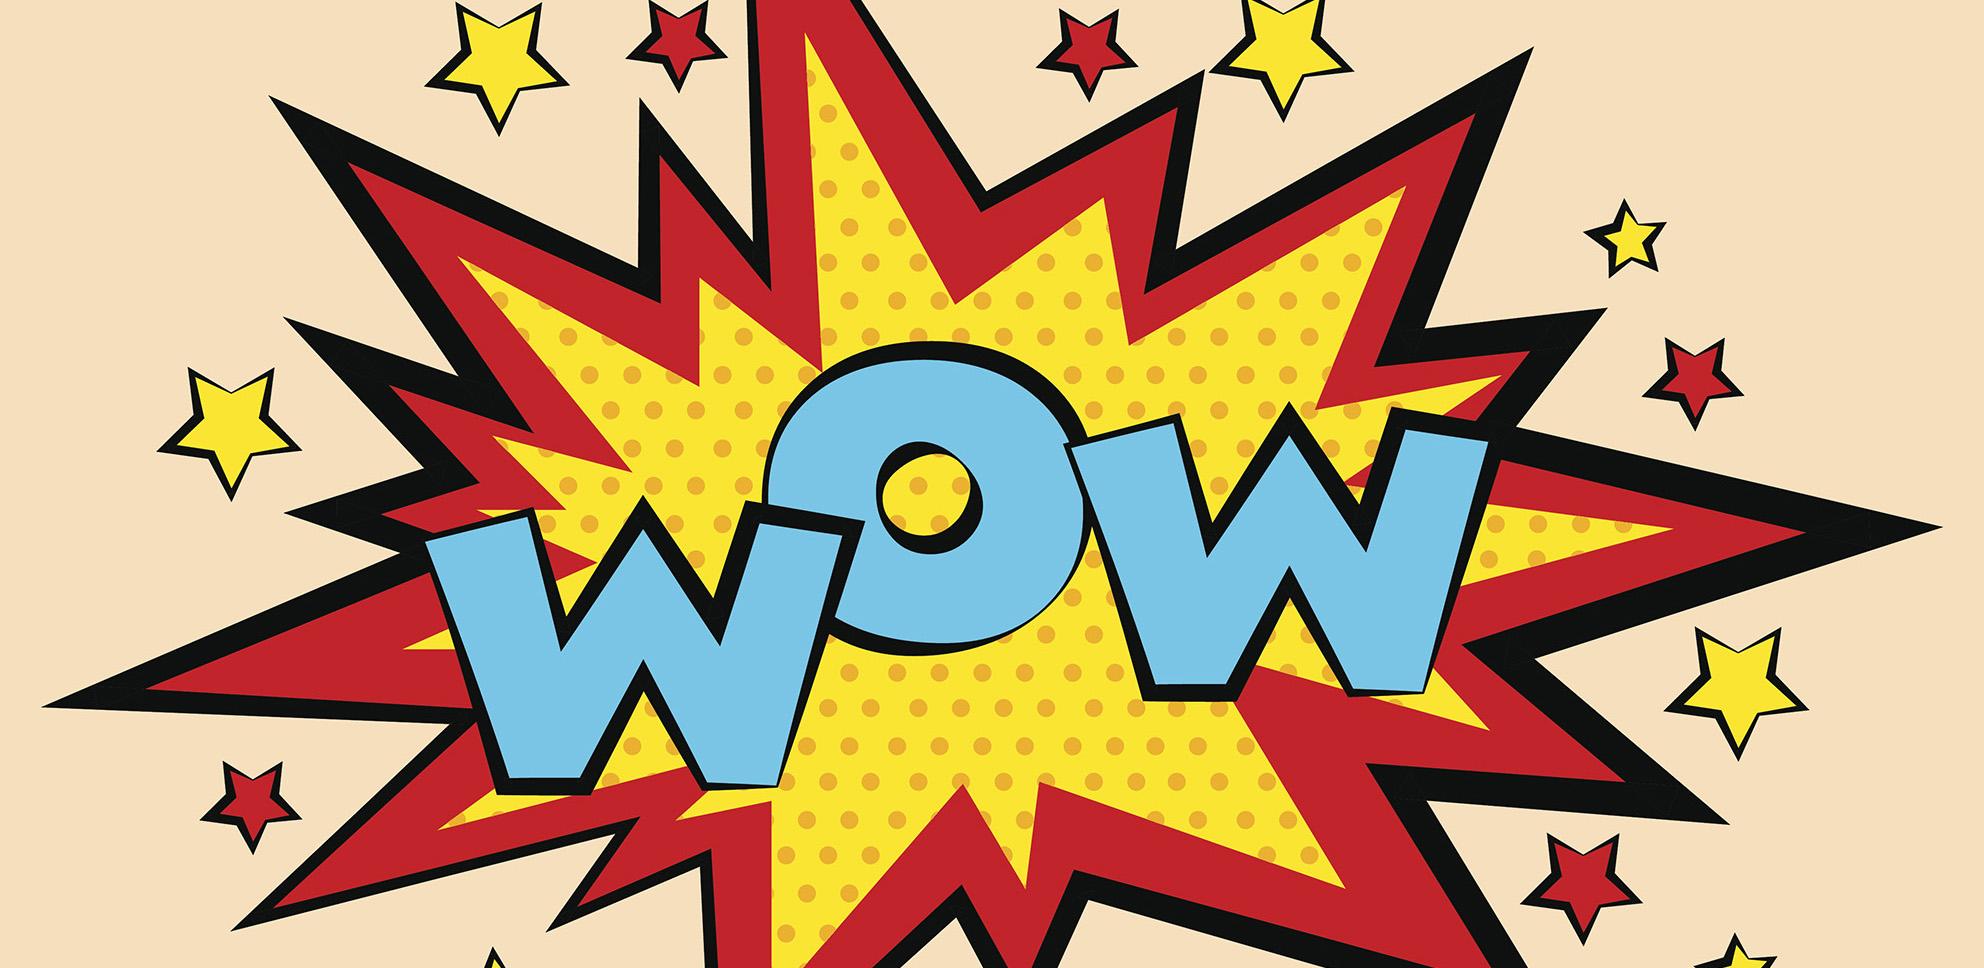 Fumetti e libri illustrati per ilmioesordio: ancora pochi giorni per iscriversi